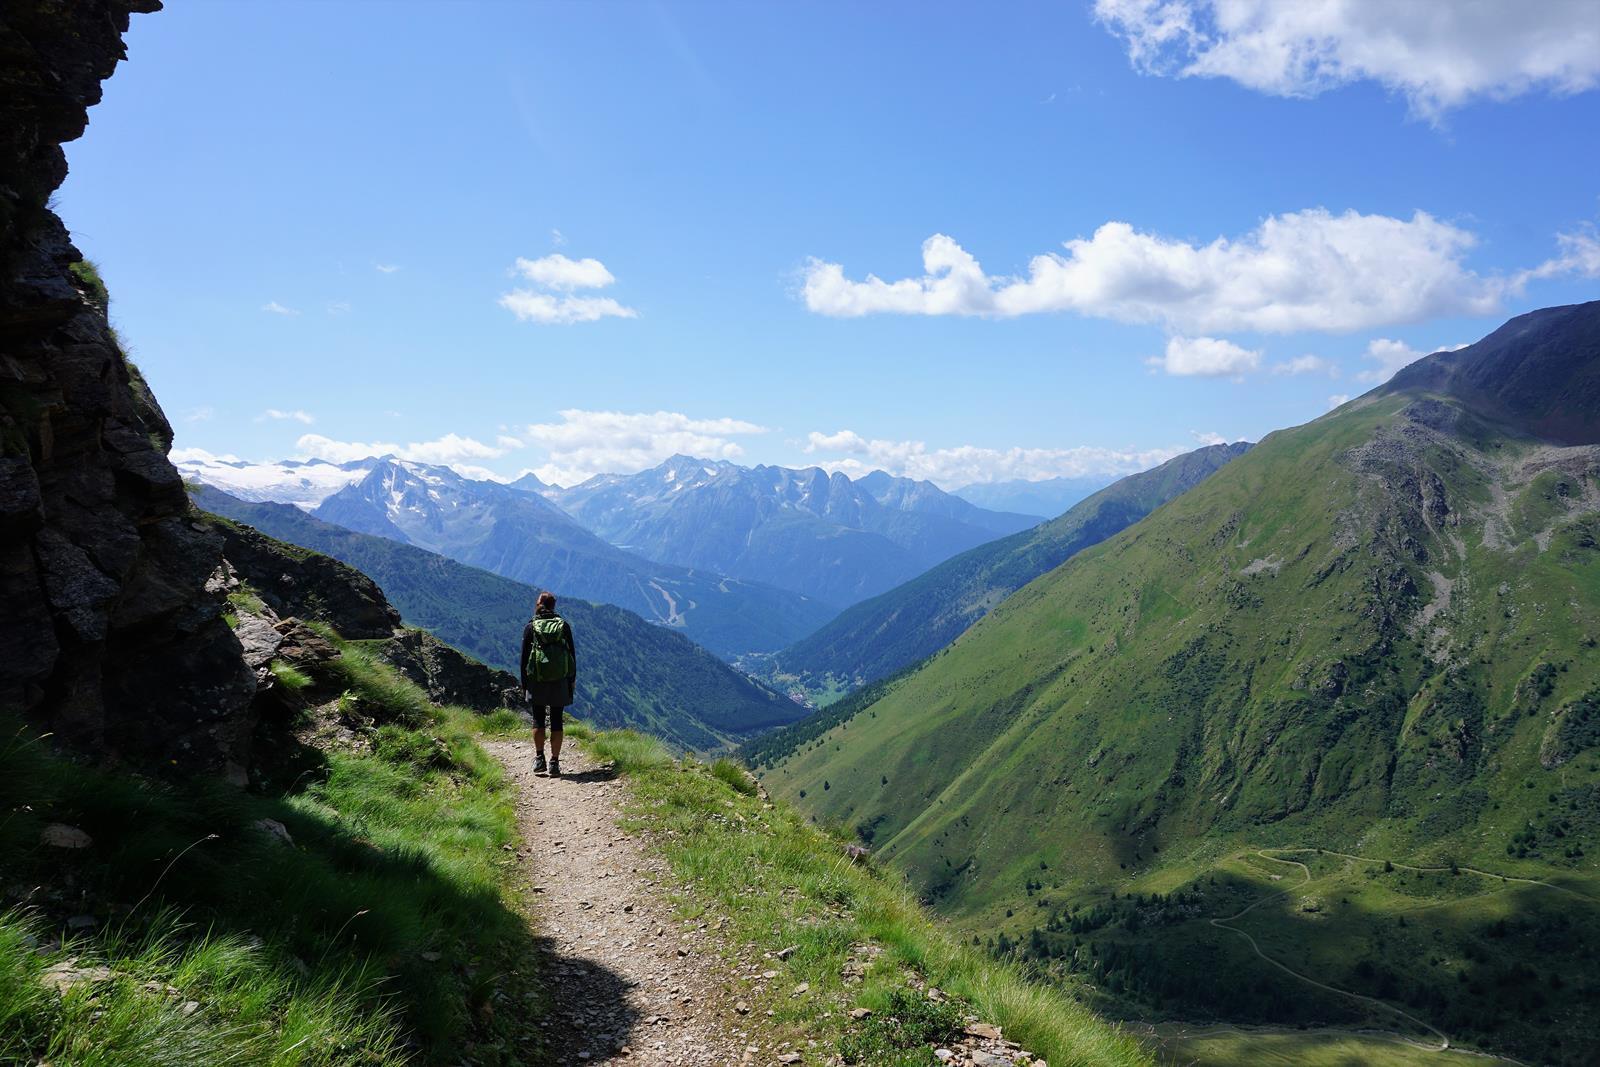 Sentiero della Pace, Friedensweg Etappe 5 — Passo di Gavia